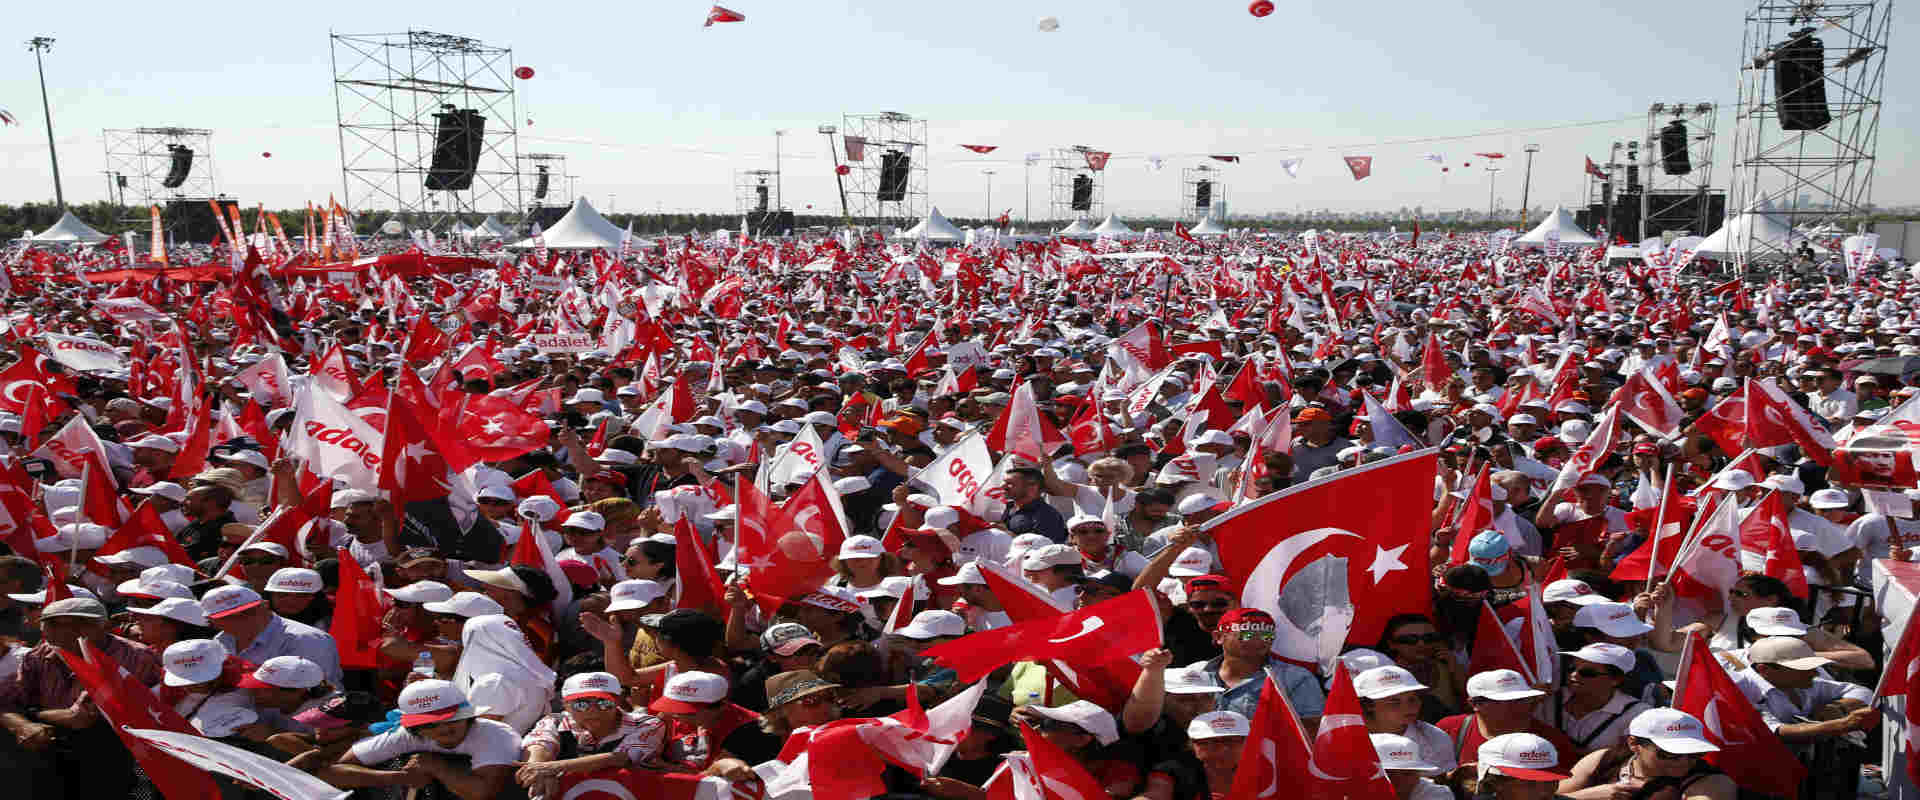 מאות אלפים מפגינים נגד ארדואן, איסטנבול, יולי 2017